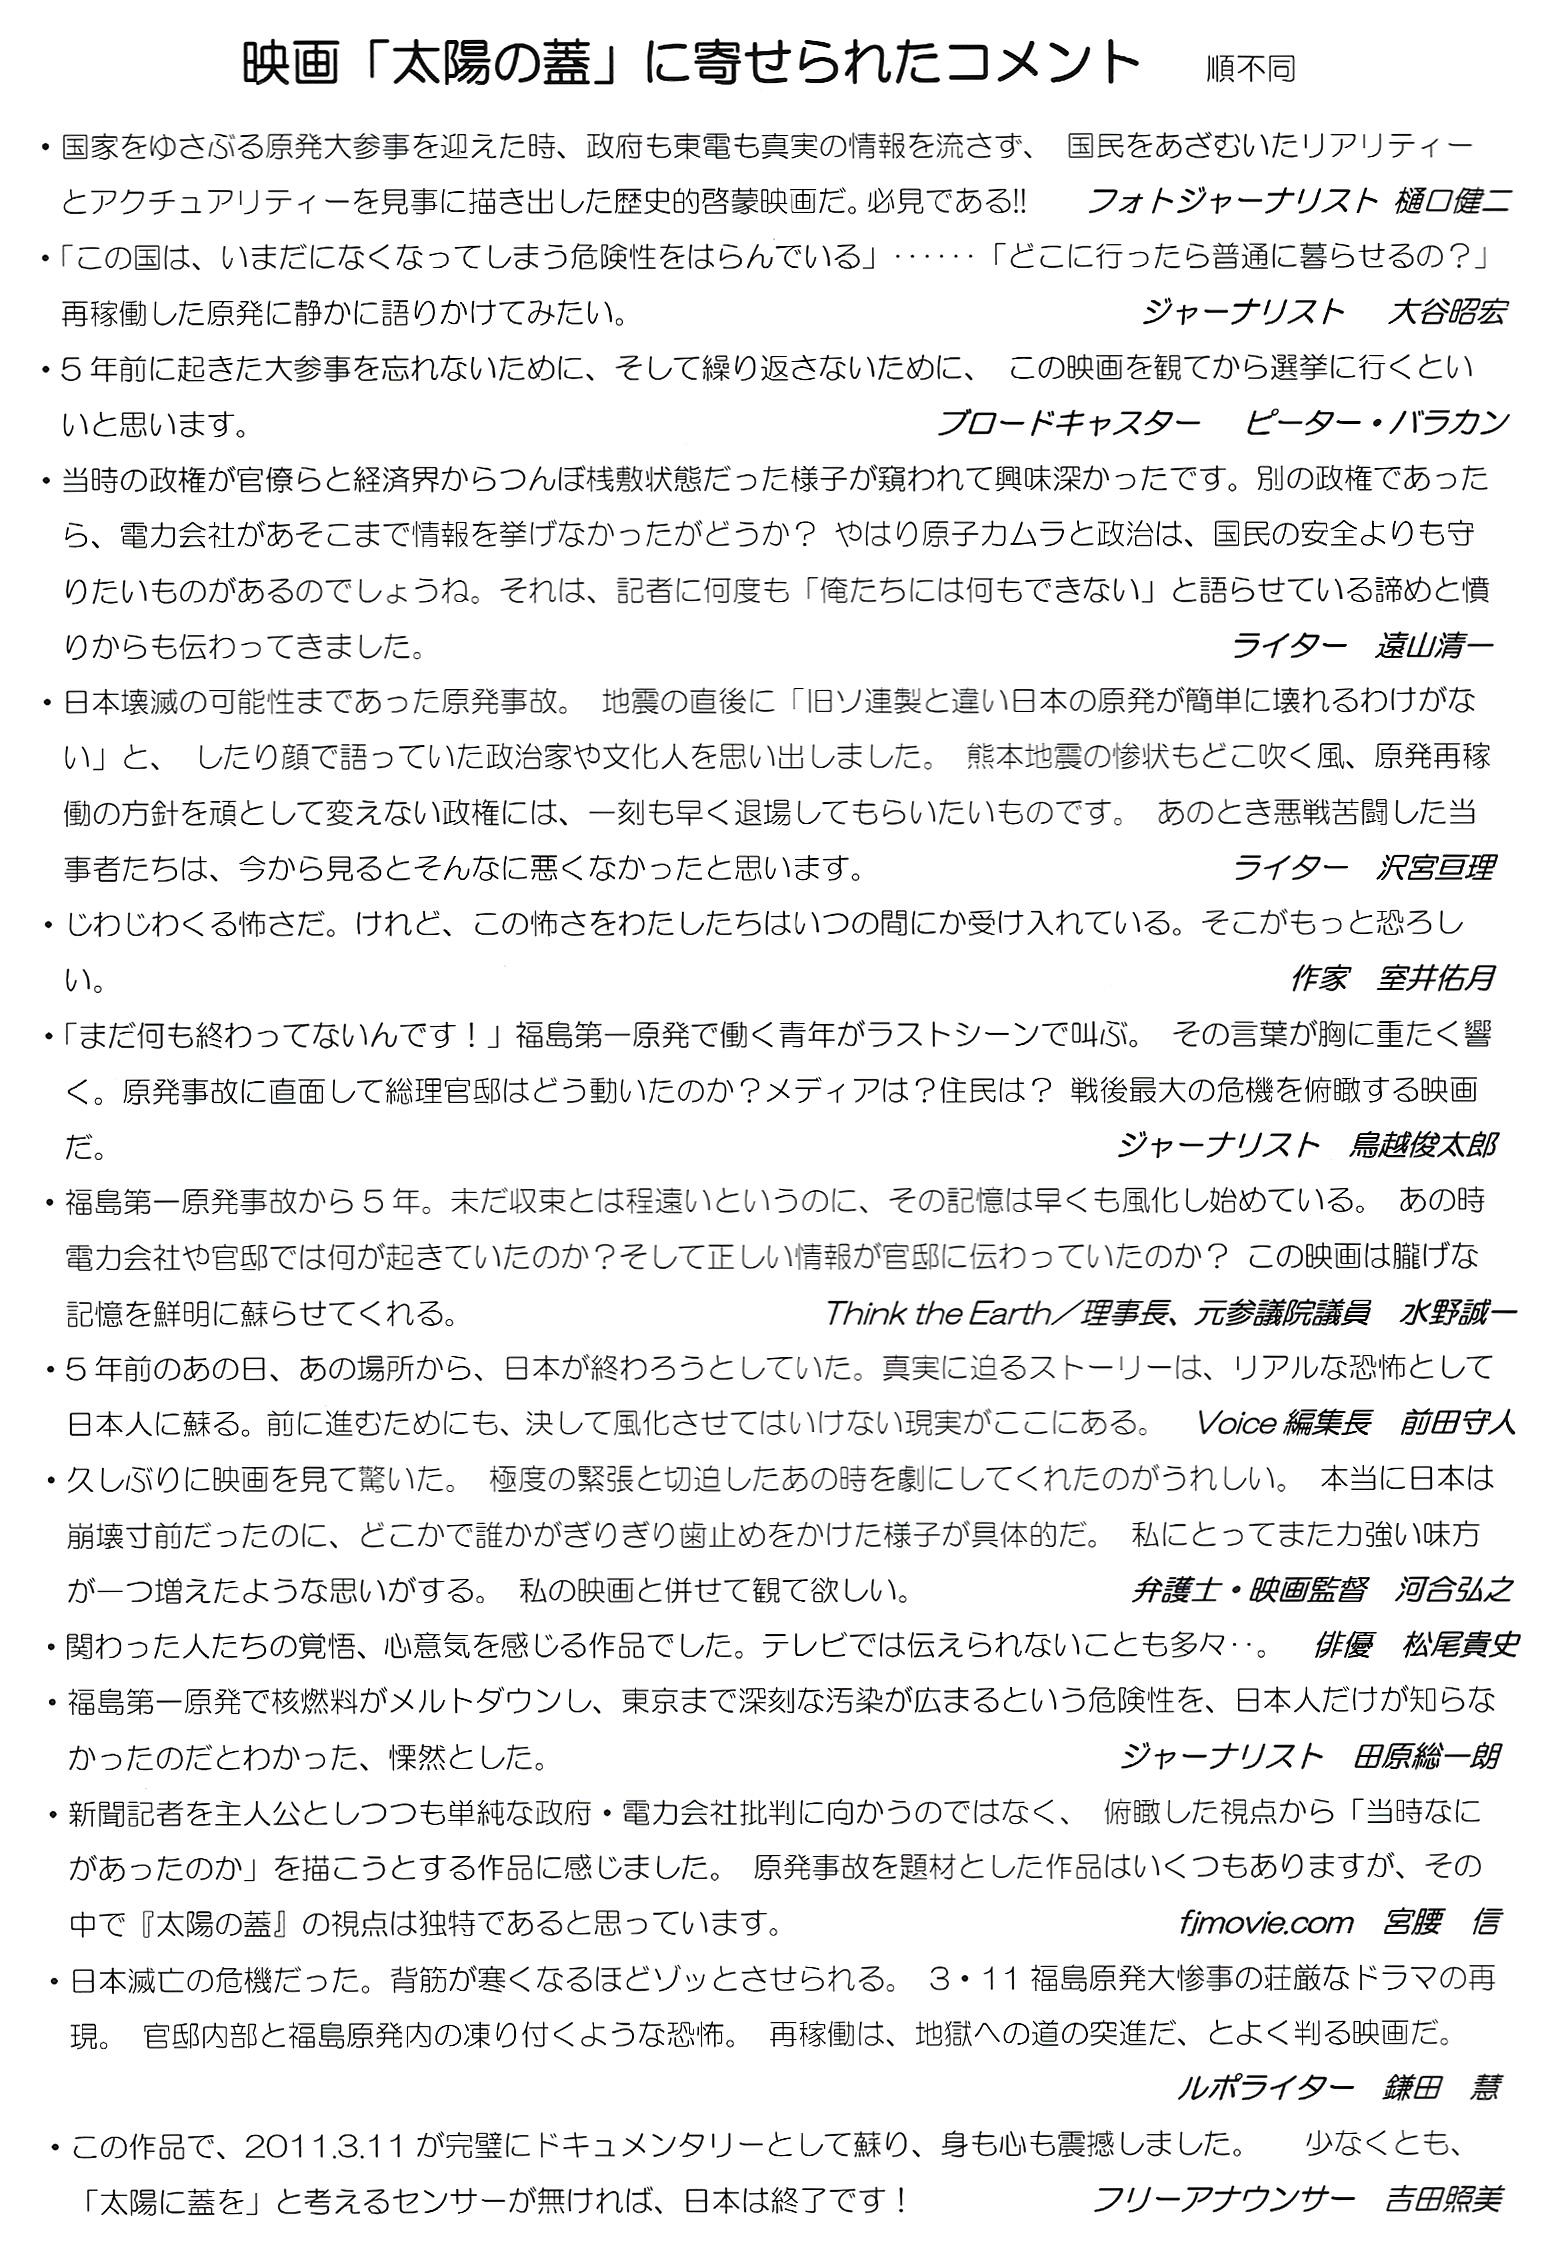 taiyounofuta_2.jpg